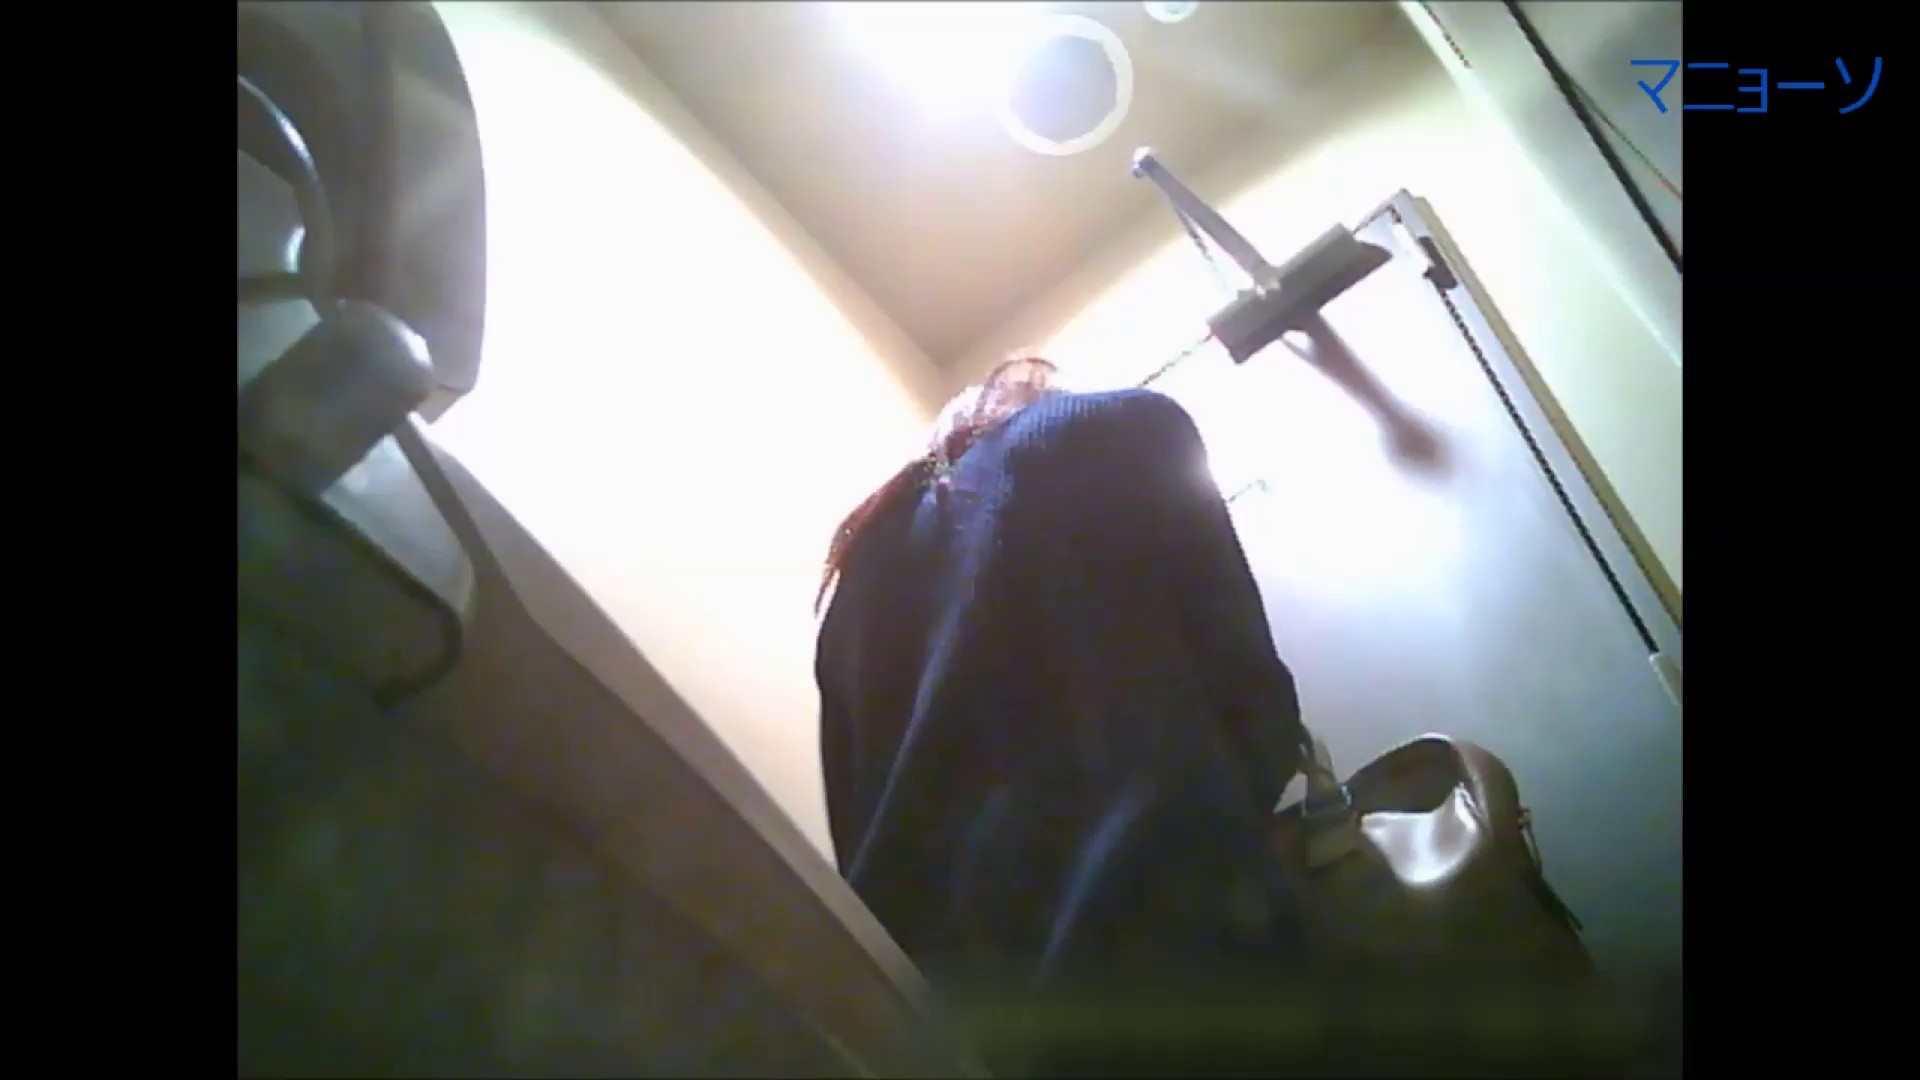 Vol.01 セレブ風なOLさん、さて下半身はどうでしょう。 トイレ盗撮 AV無料動画キャプチャ 111枚 29